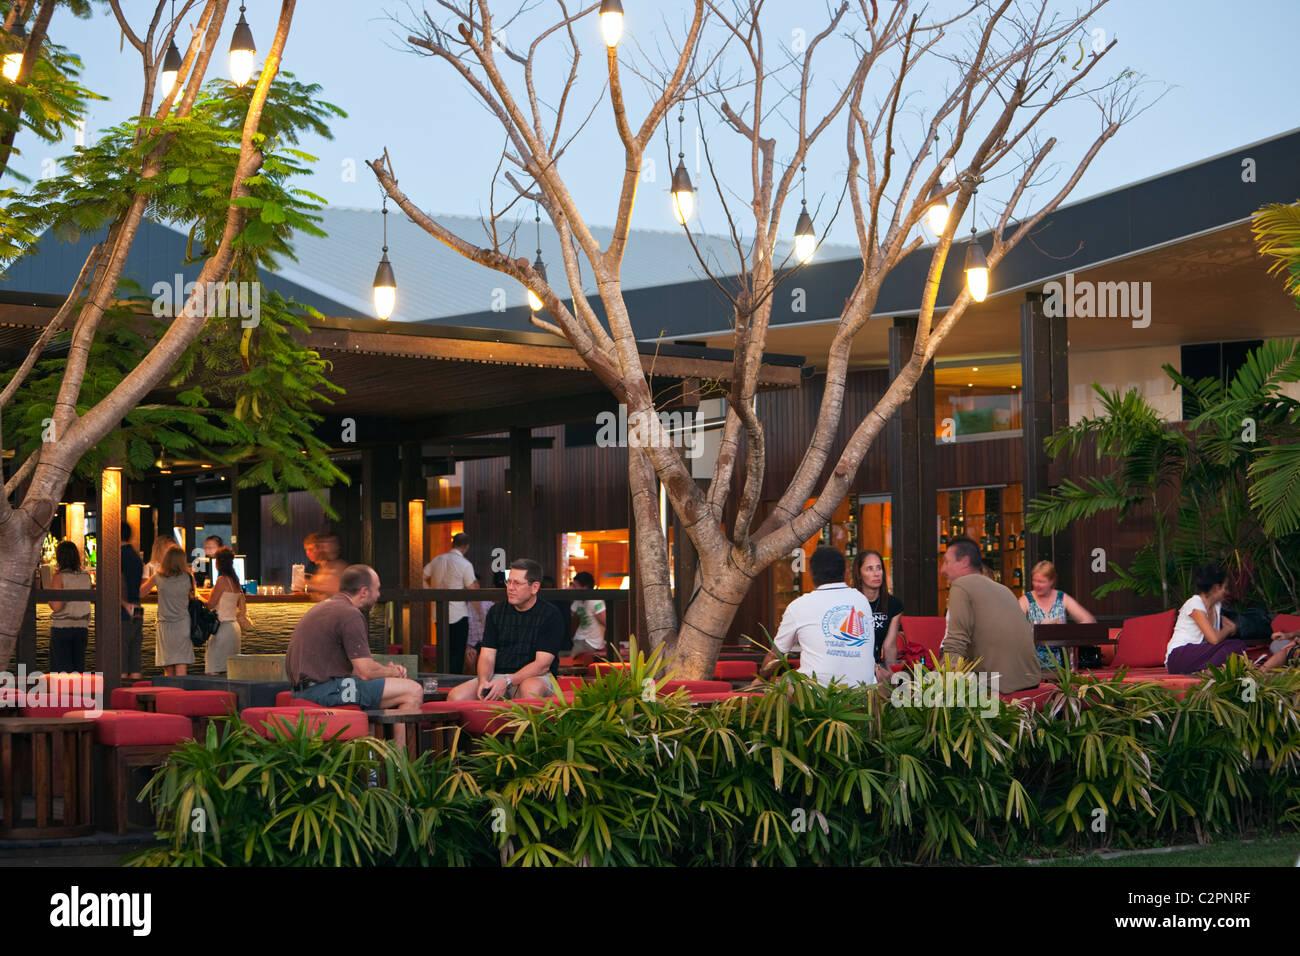 Greek Restaurants Cairns Esplanade